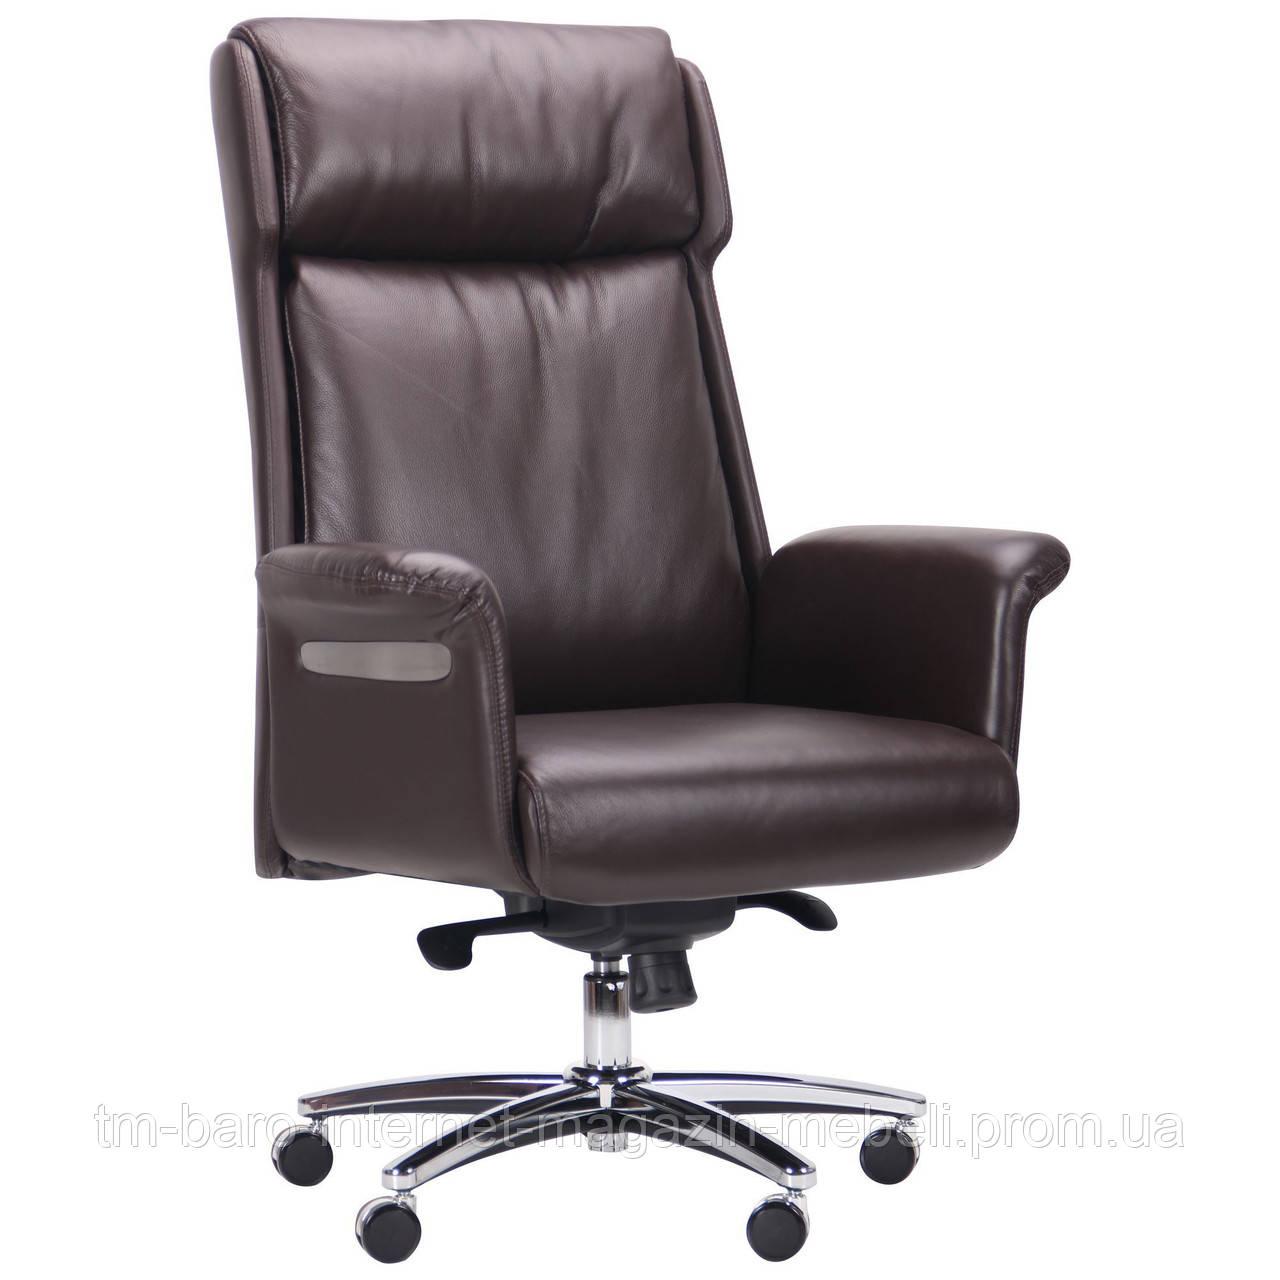 Кресло Truman Brown (Трумен), коричневый